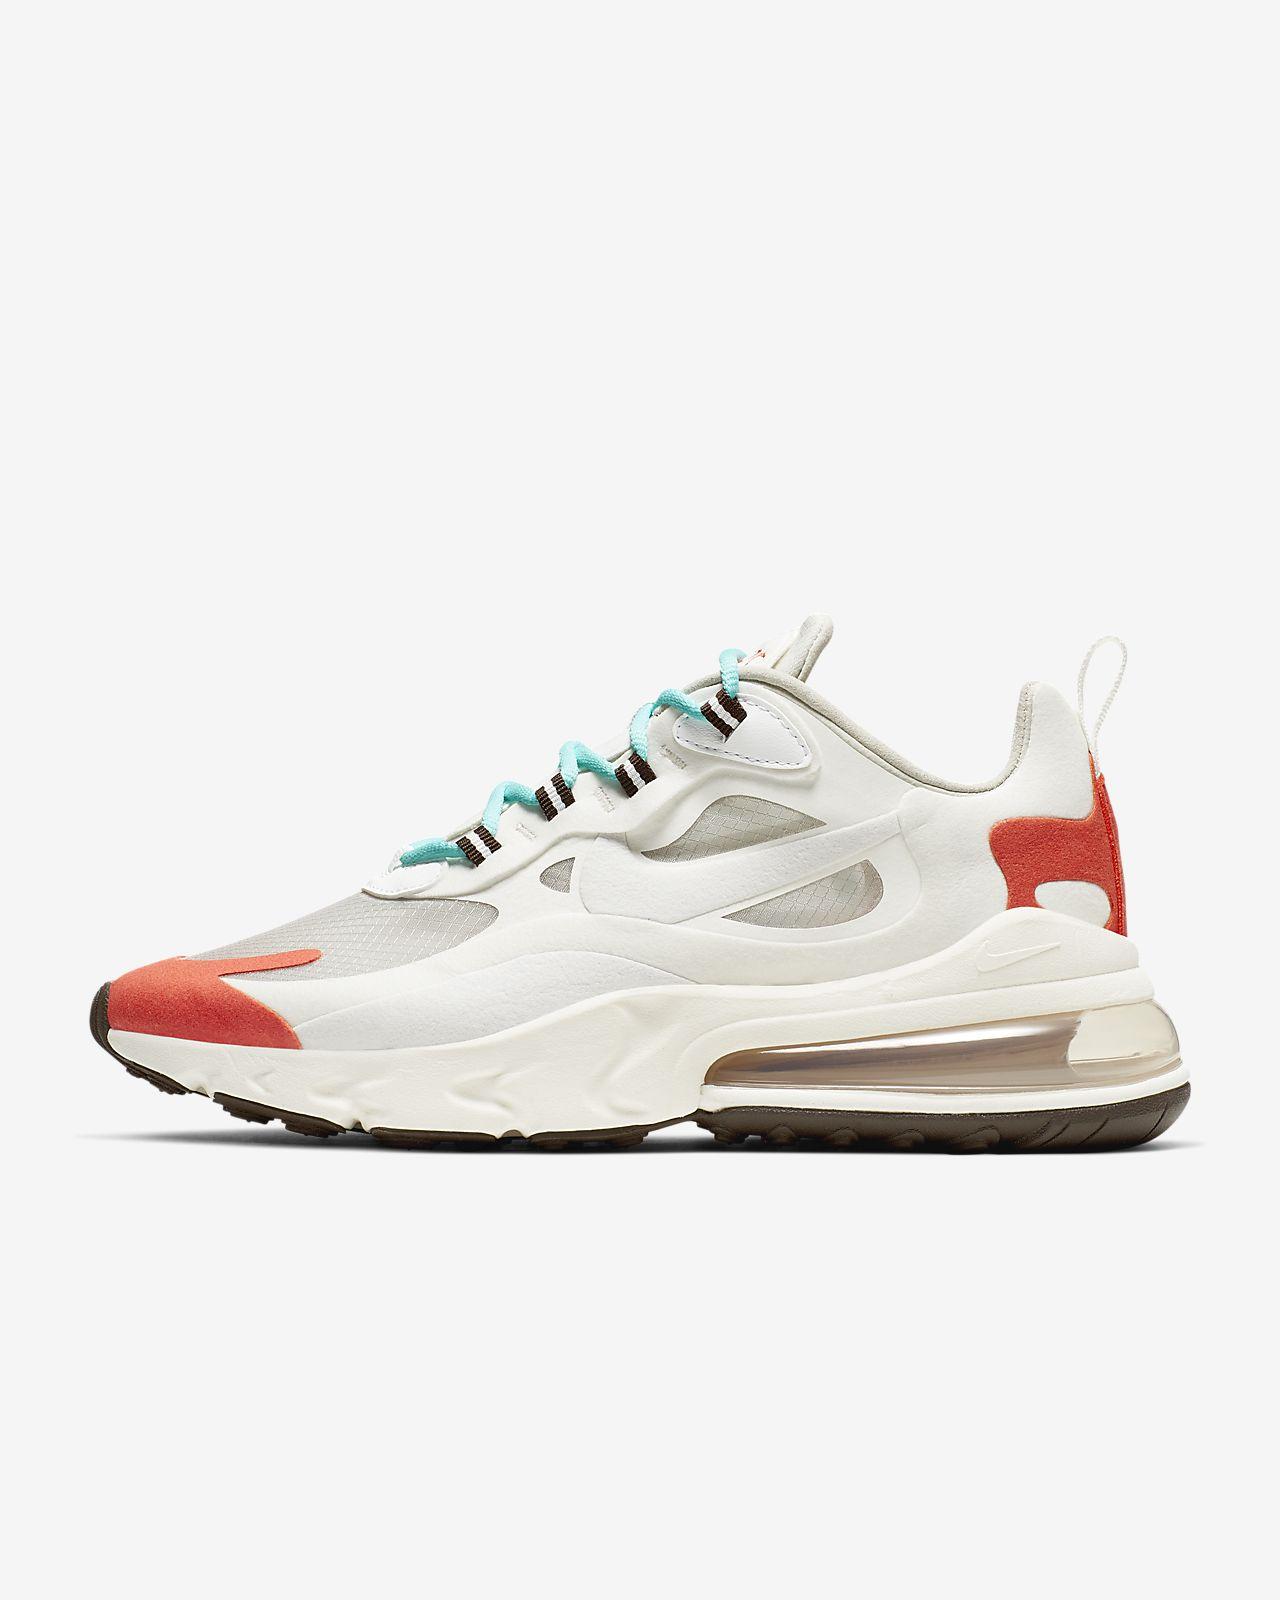 en soldes c7133 c05d6 Nike Air Max 270 React (Mid-Century) Women's Shoe